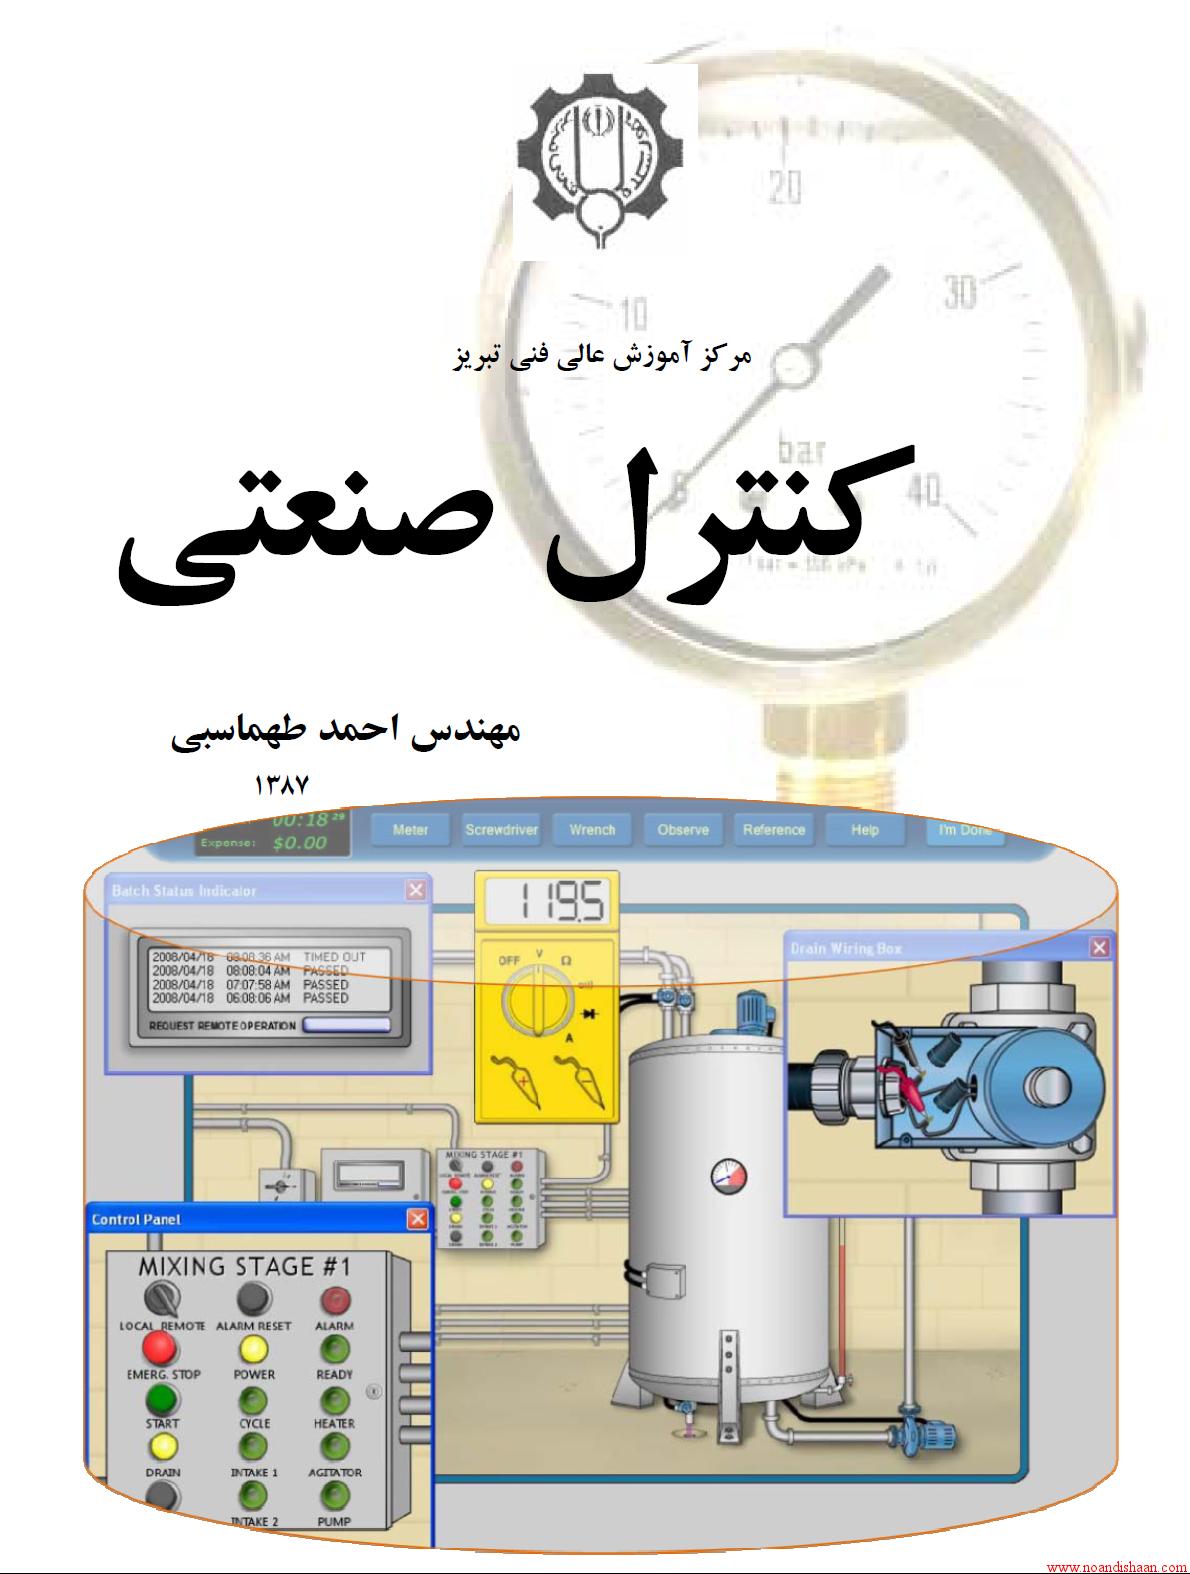 جزوه کنترل صنعتی